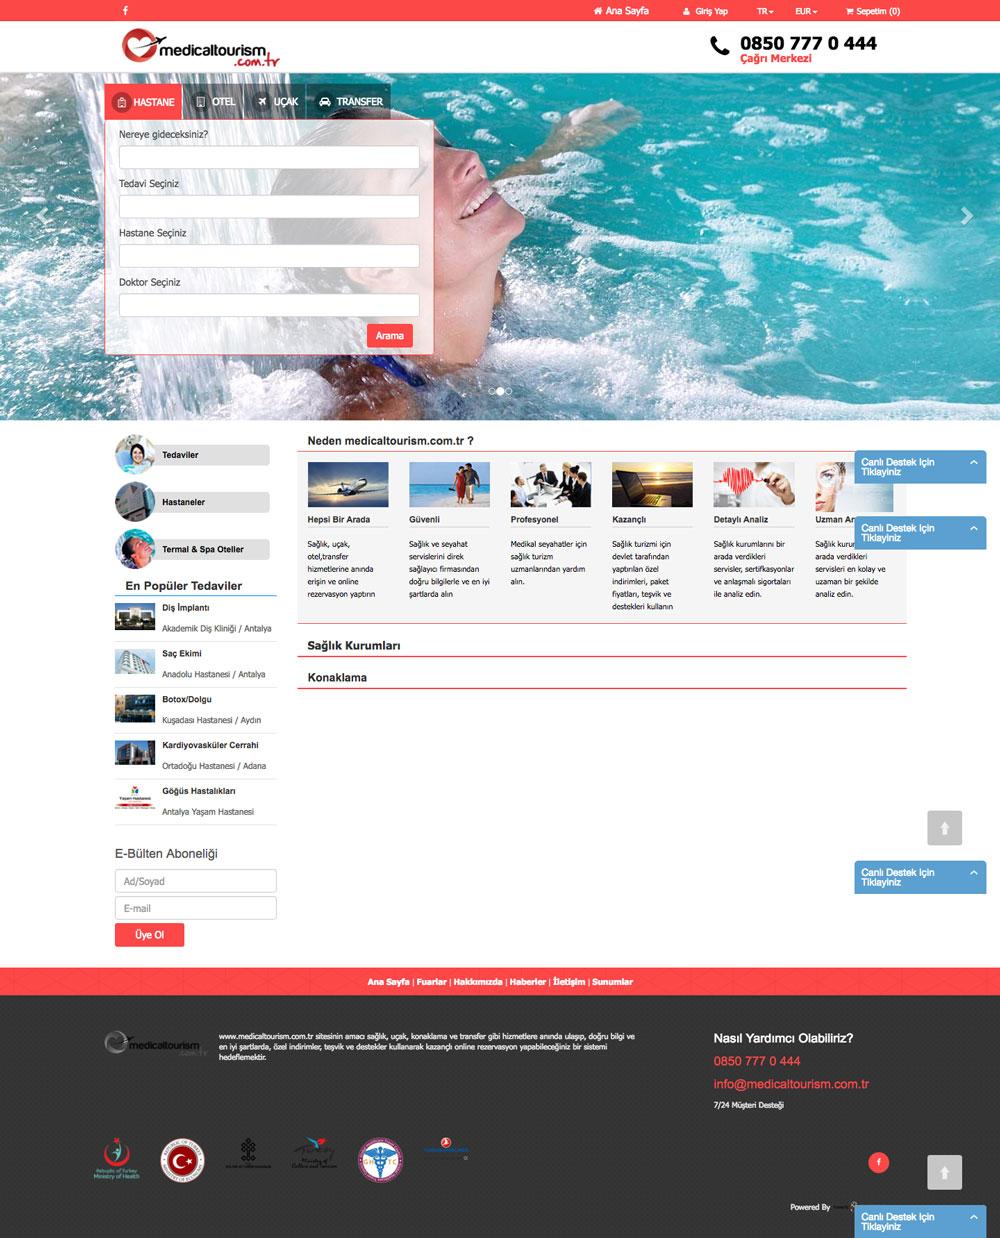 www.medicaltourism.com.tr